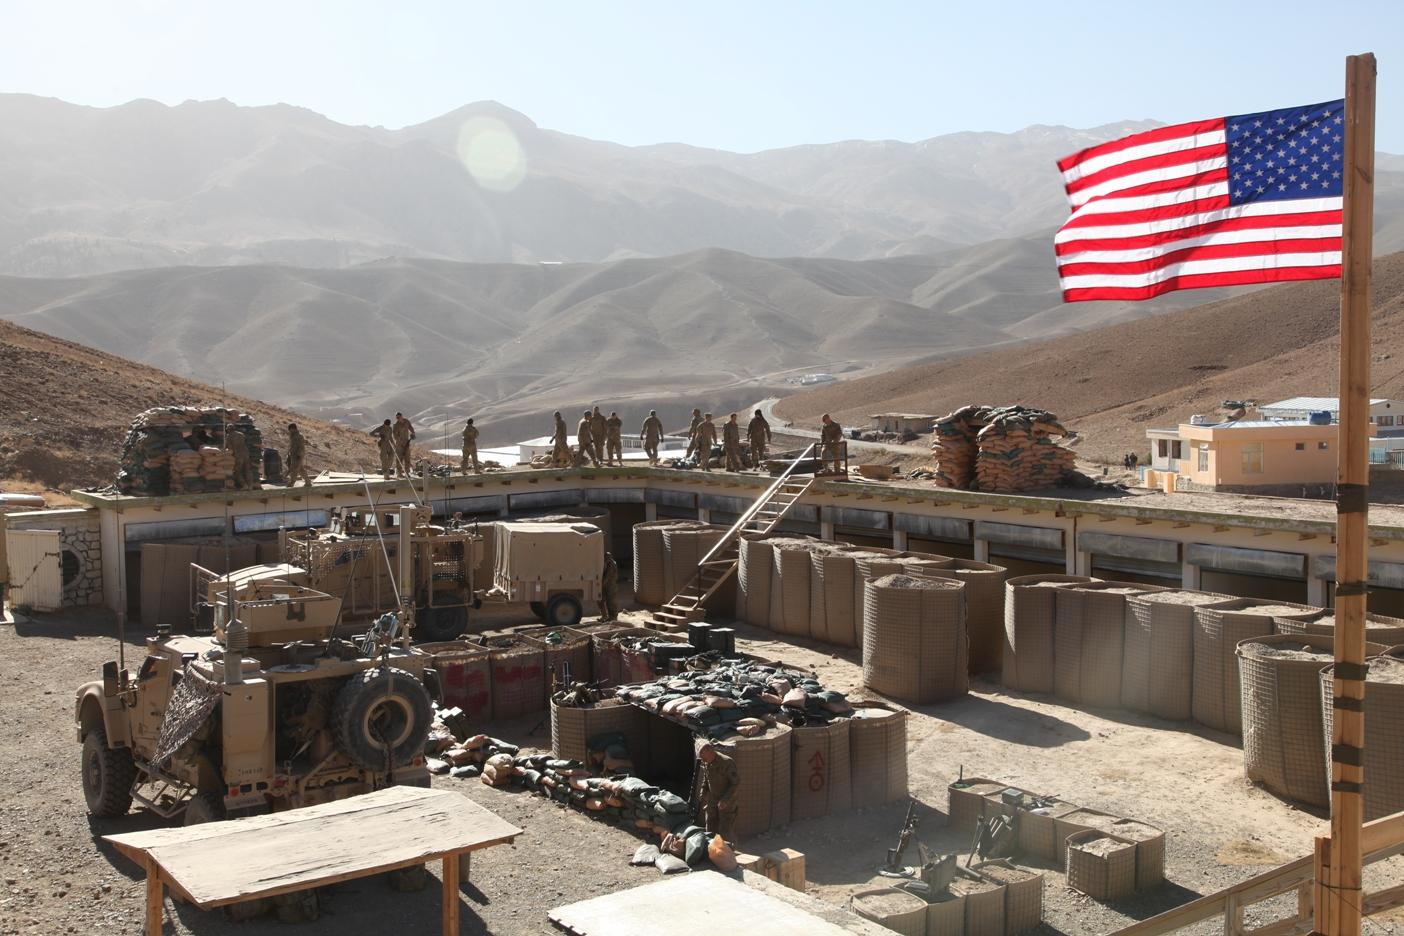 В Афганистане в результате атаки на базу погибли военные США - ИА REGNUM